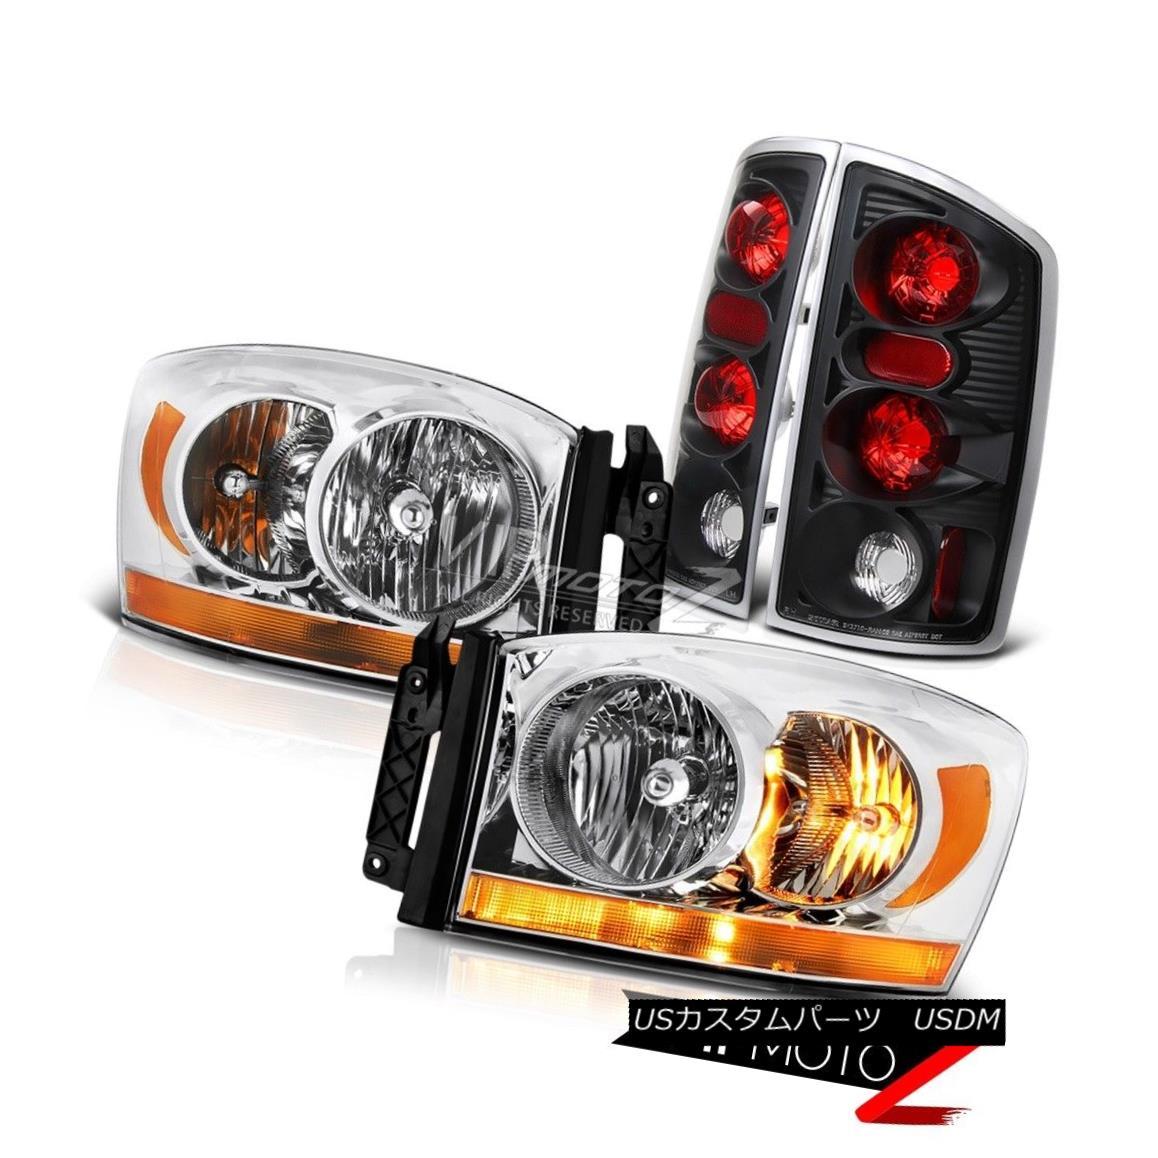 ヘッドライト 2006 Ram 5.9L Clear Chrome Headlamps Raven Black Taillights Altezza Replacement 2006ラム5.9LクリアクロームヘッドランプレイブンブラックテイルライトAltezzaの交換